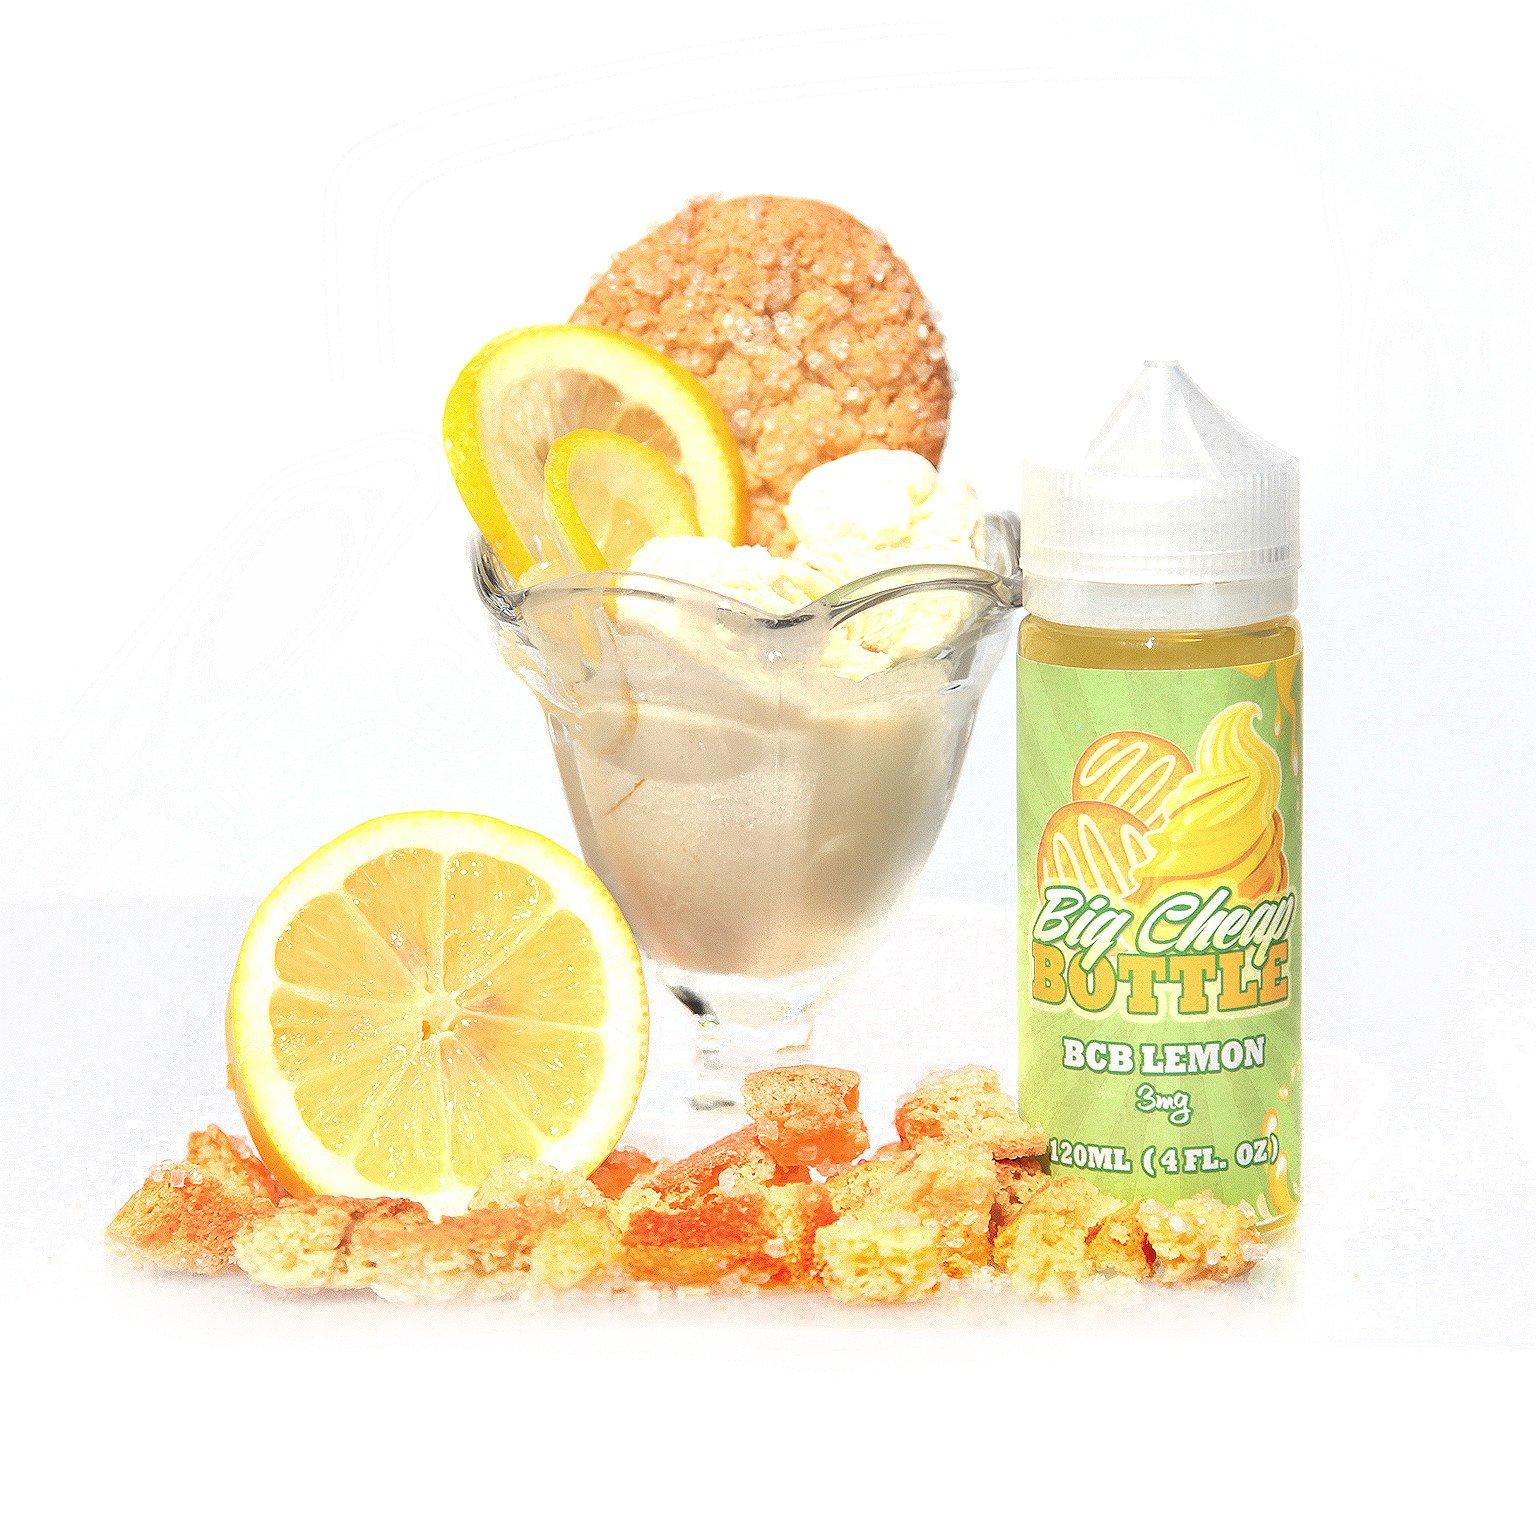 BCB Lemon by Big Cheap Bottle E-Juice 120ml